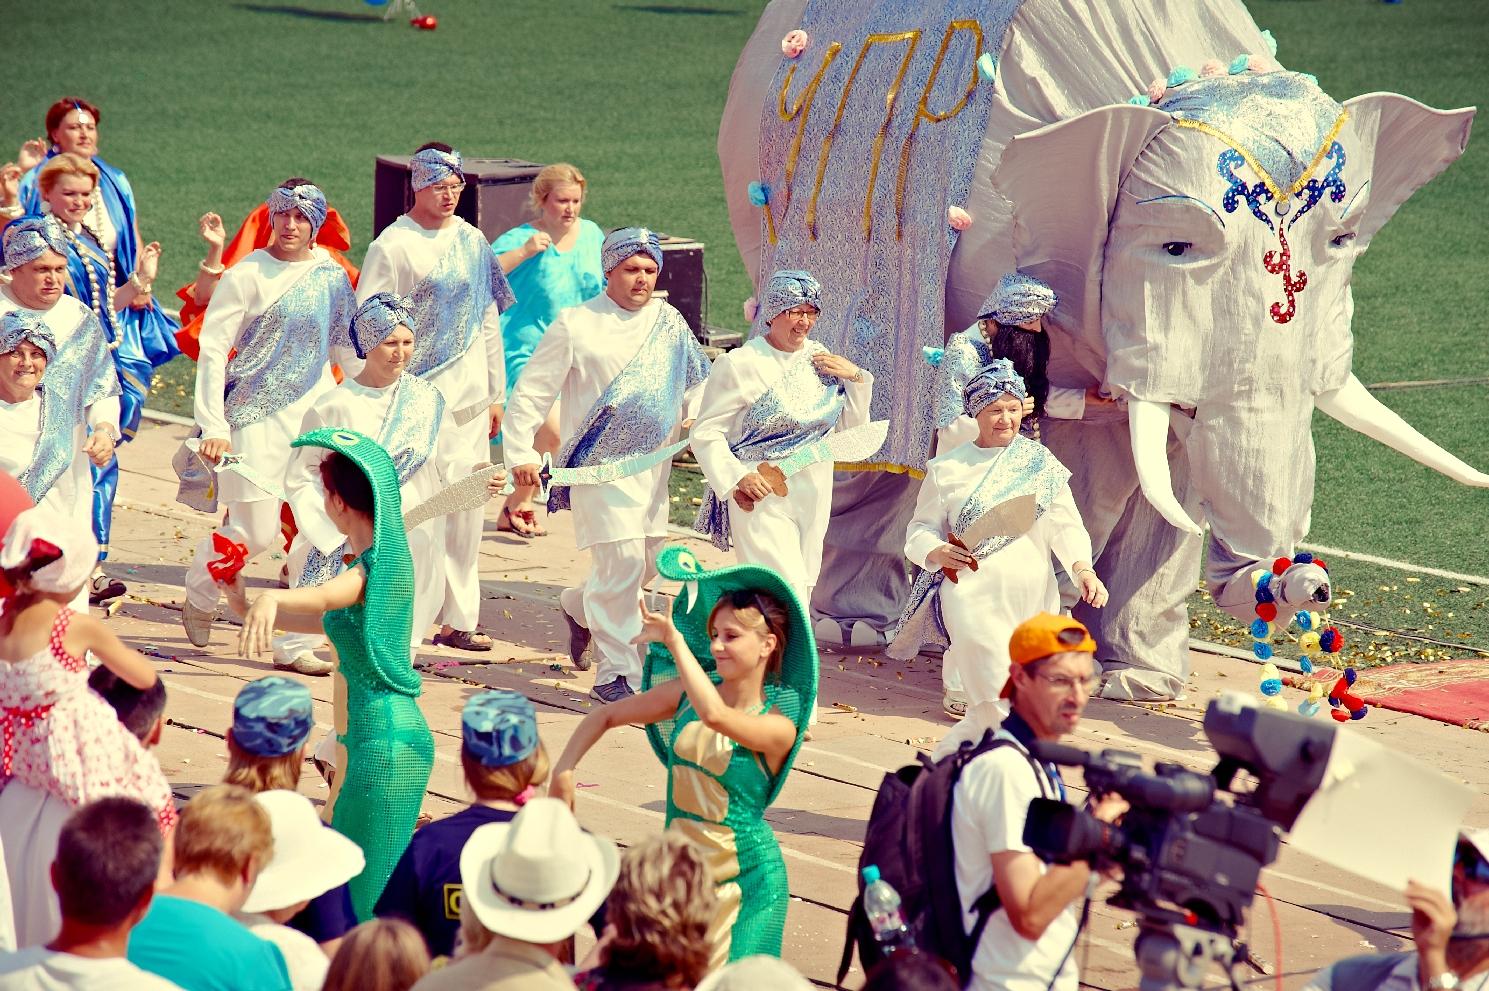 Уральская Бразилия: в Верхней Пышме прошел карнавал